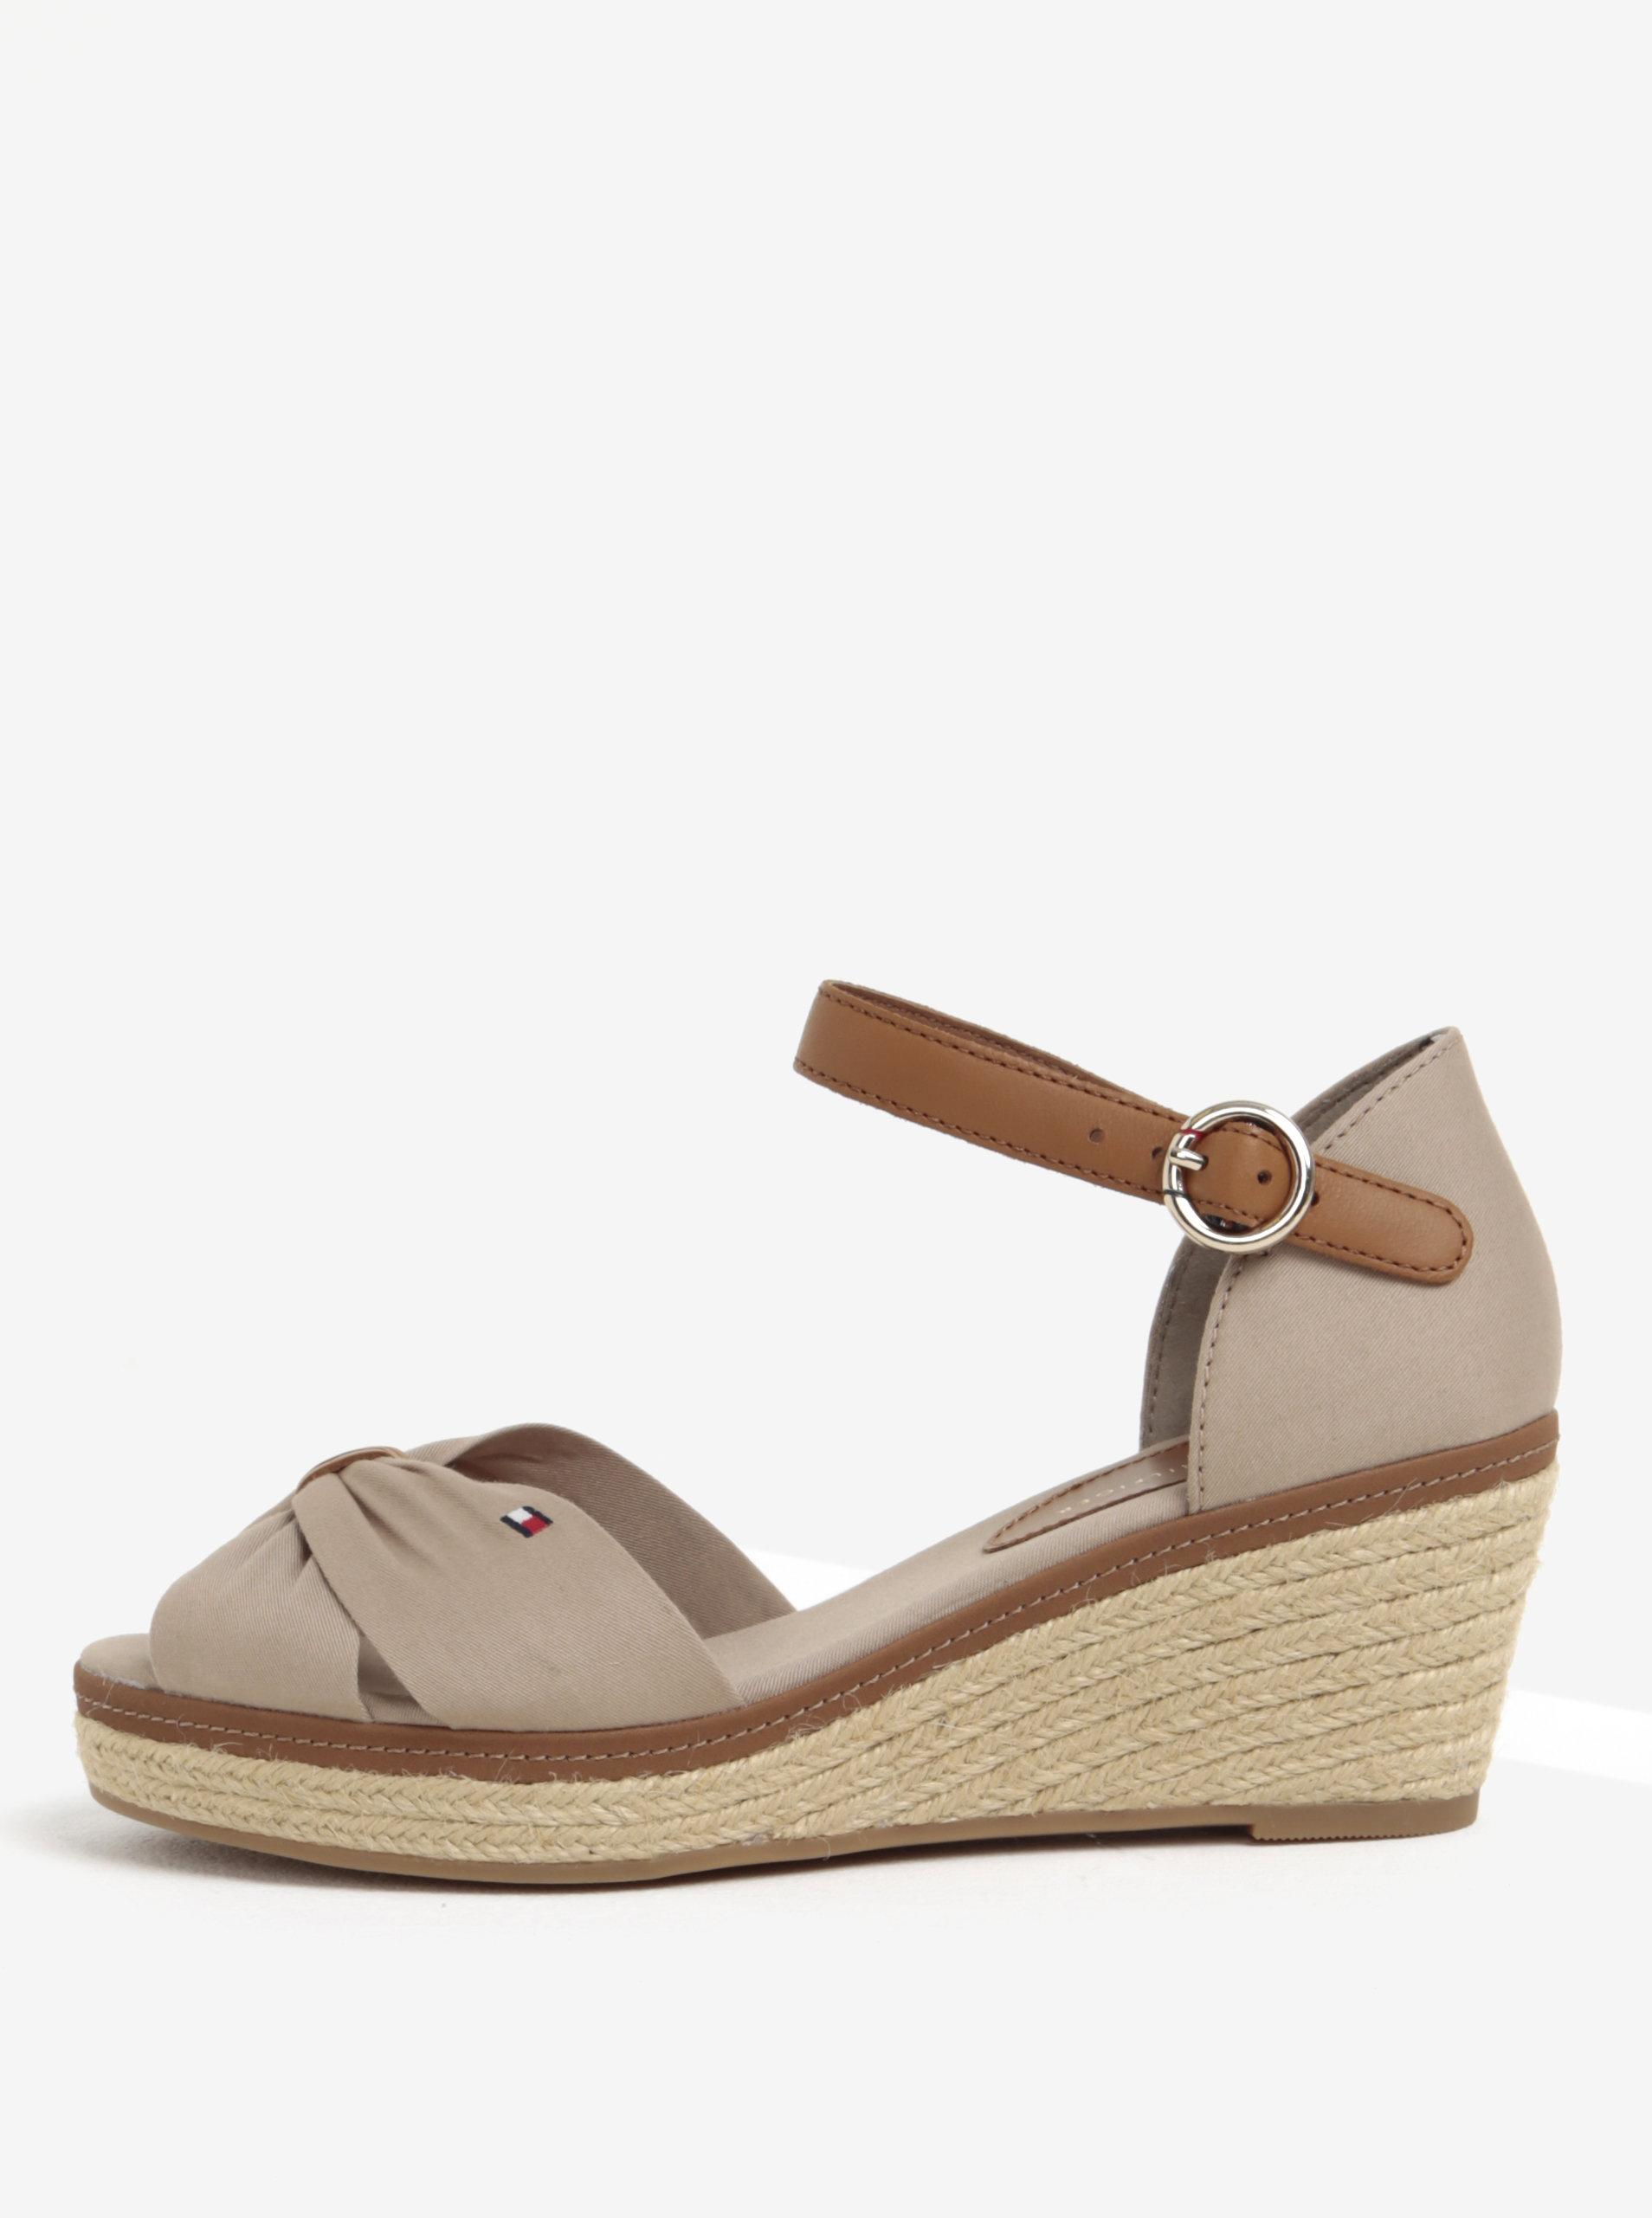 8165971a69d0 Béžové sandály na klínku Tommy Hilfiger ...